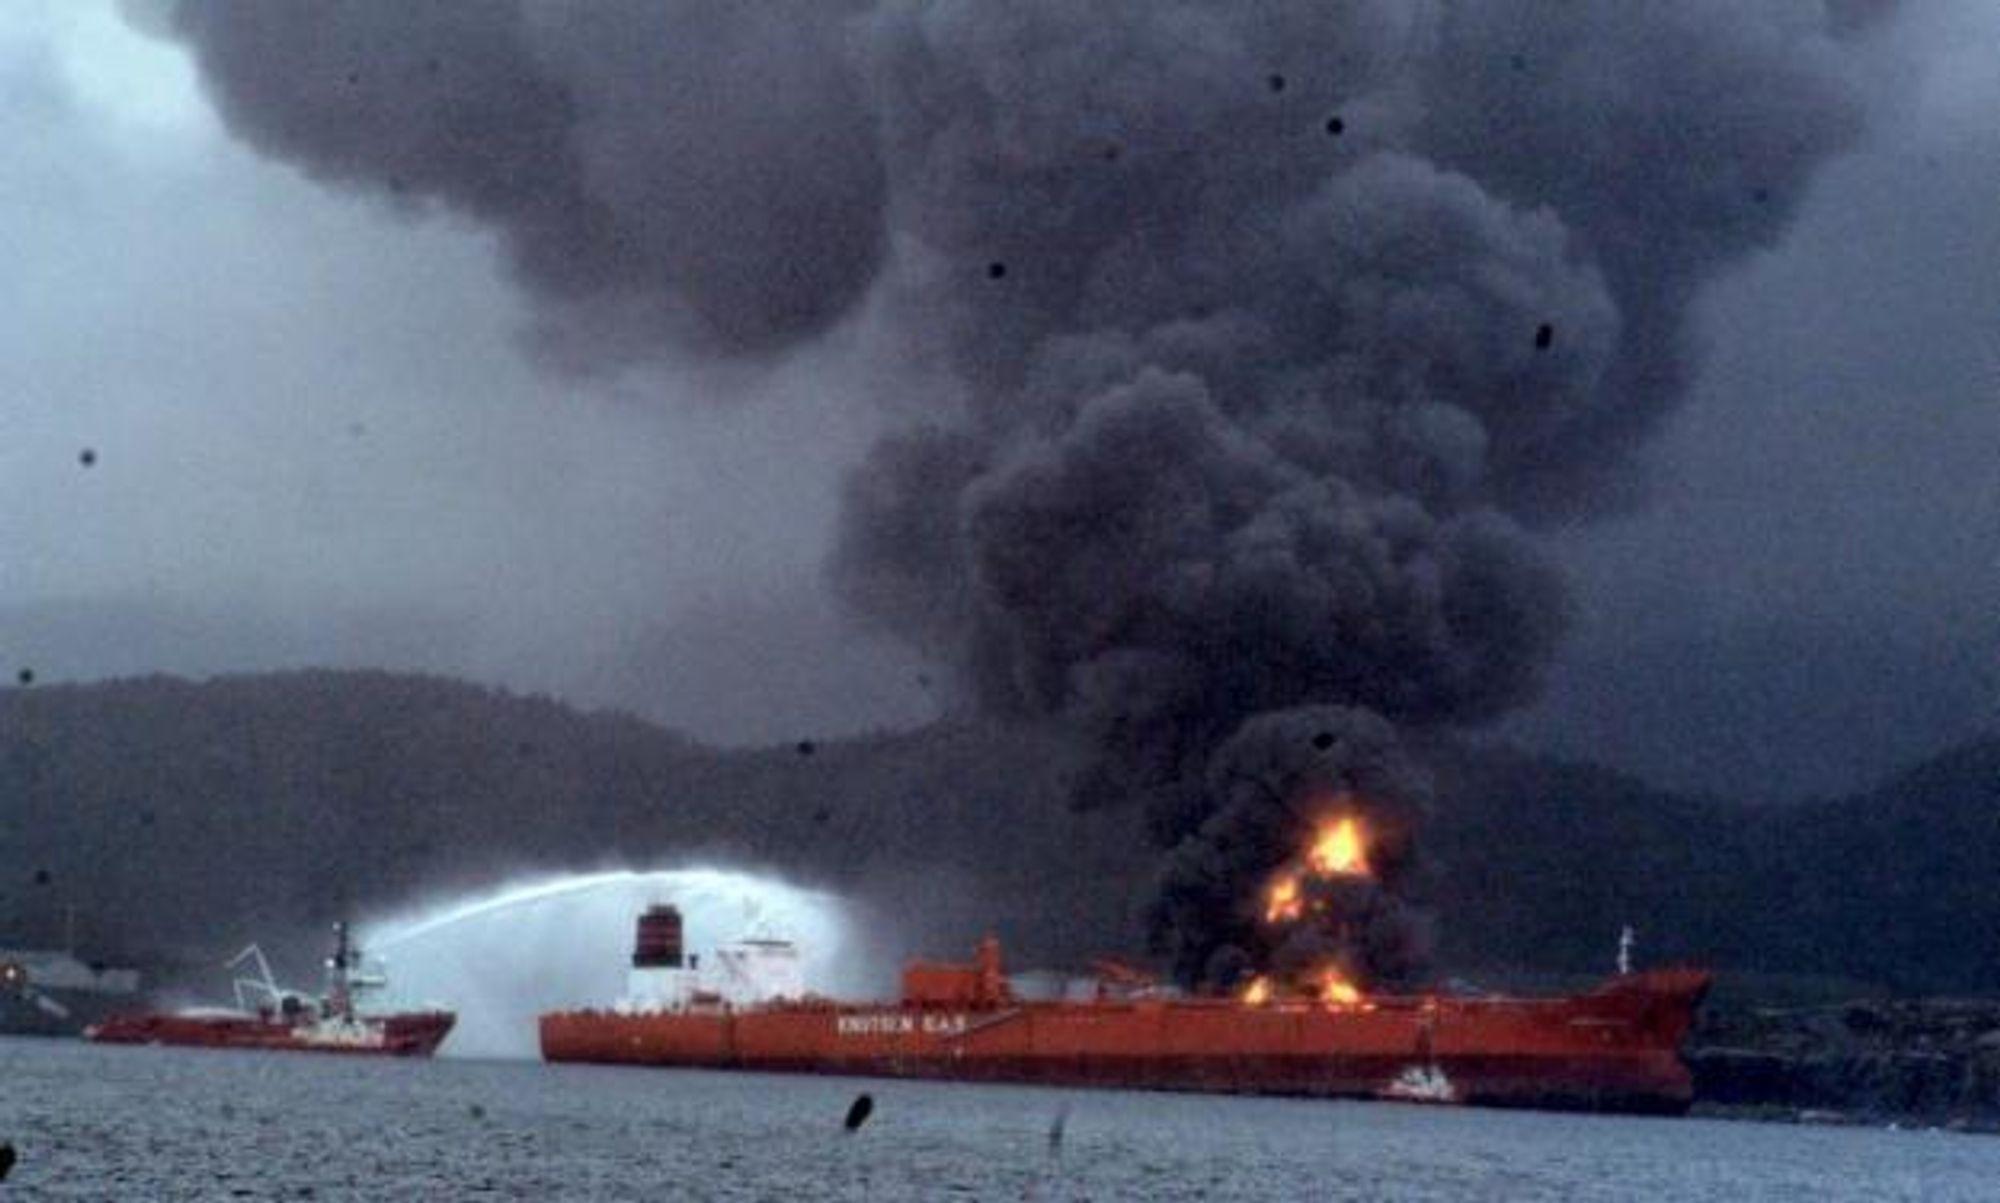 EKSPLOSJONSBRANN: En tank eksploderte på industriområdet til Vest Tank  ved Sløvåg i Gulen. Bellona vil ha gransking av alle slike tankanlegg etter storbrannen.